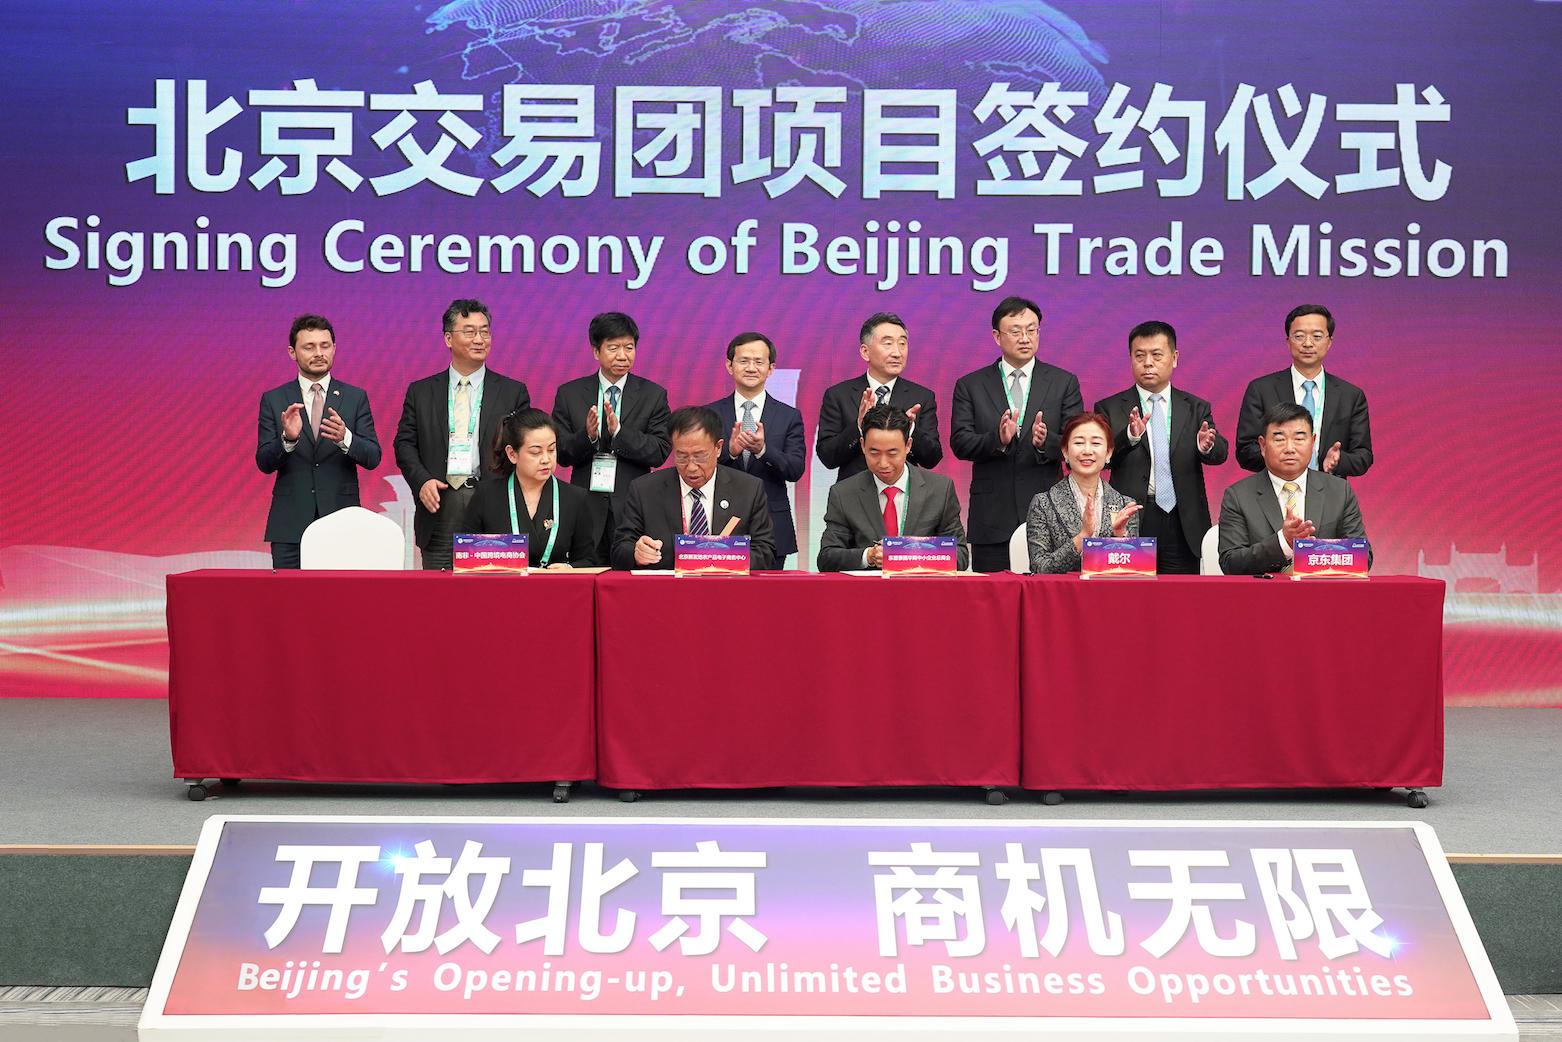 京东与戴尔(中国)有限公司在首届中国国际进口博览会北京市分论坛上签署了战略合作备忘录